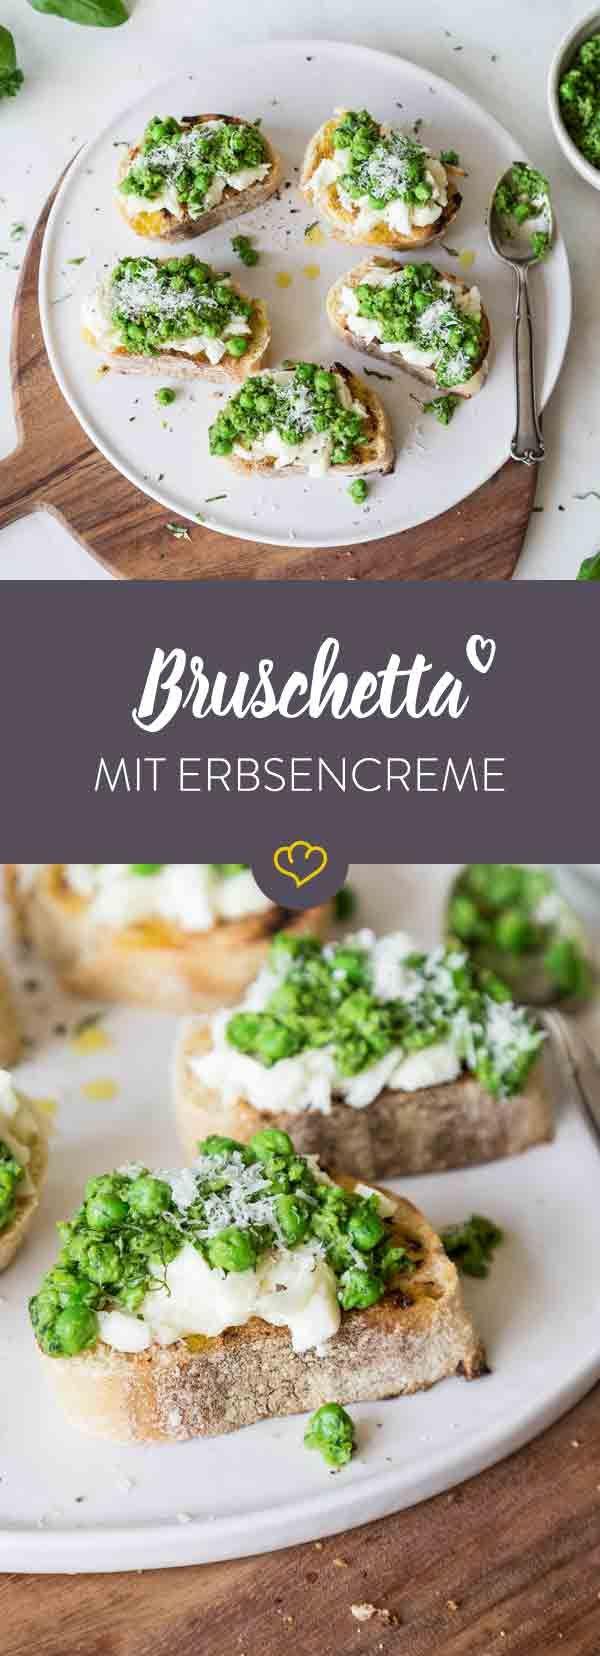 Italien auf deinem Teller: Mit nur wenigen Handgriffen zauberst du knusprige Bruschetta mit Mozzarella und einer Creme aus Erbsen, Minze und Basilikum.